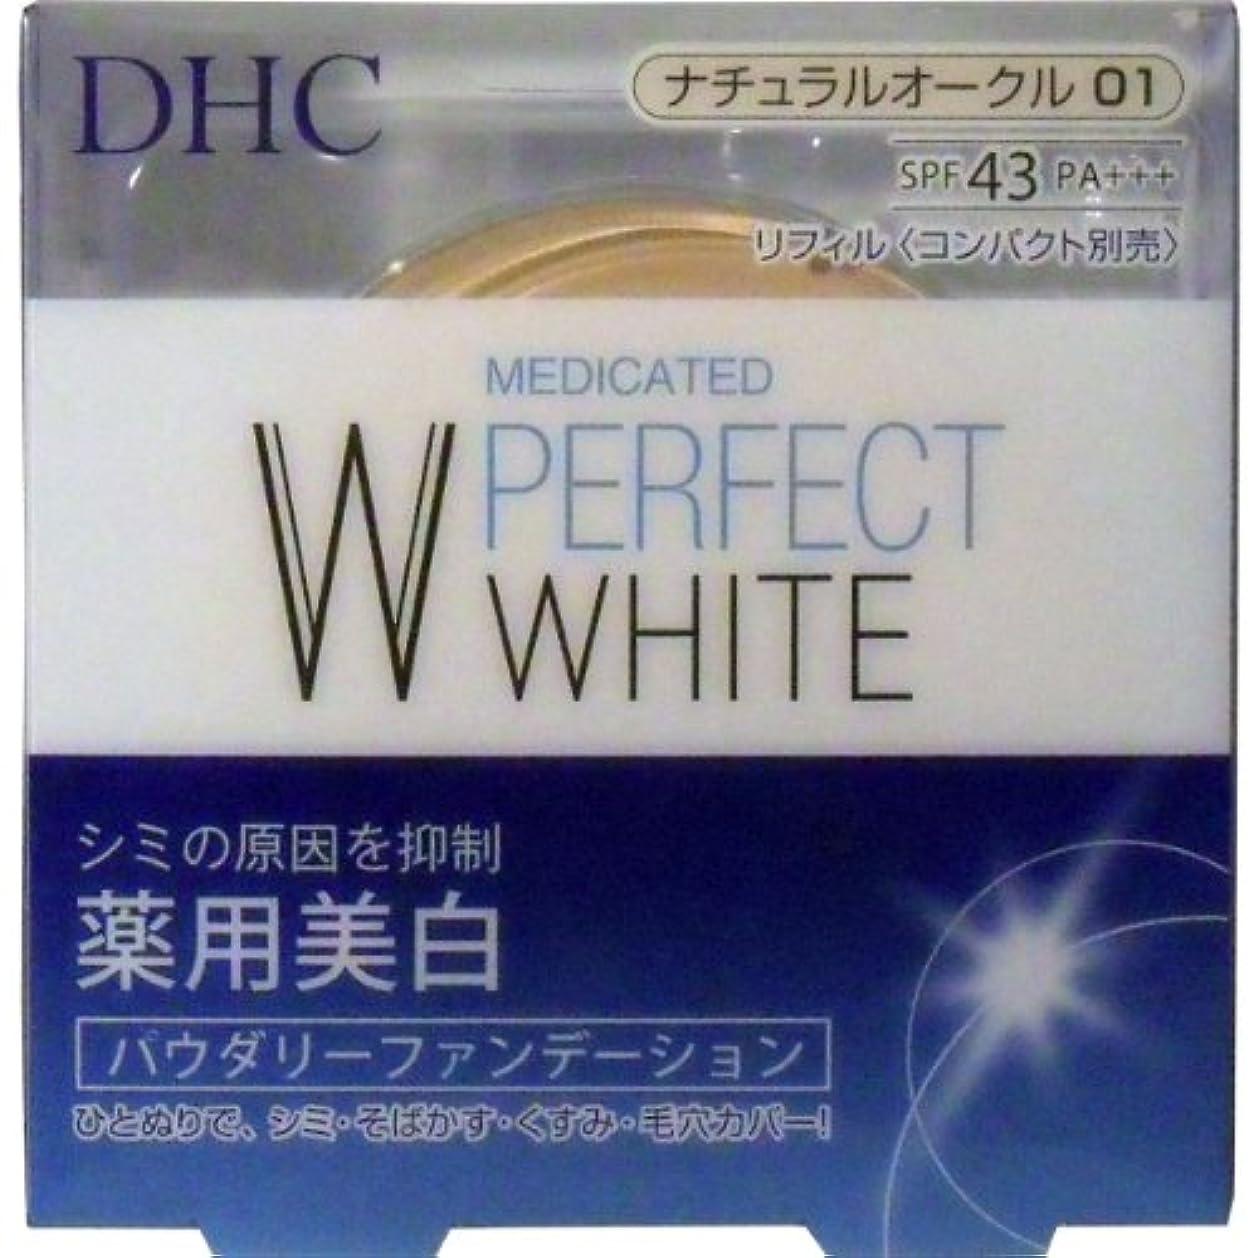 遠えレトルト麺DHC 薬用美白パーフェクトホワイト パウダリーファンデーション ナチュラルオークル01 10g